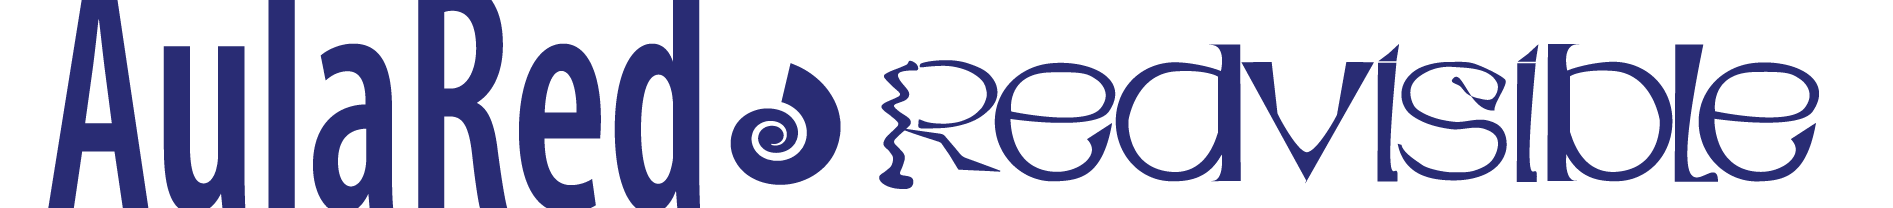 Aulared es la plataforma de formación en línea de RedVisible. Puedes visitarla marcando sobre el icono